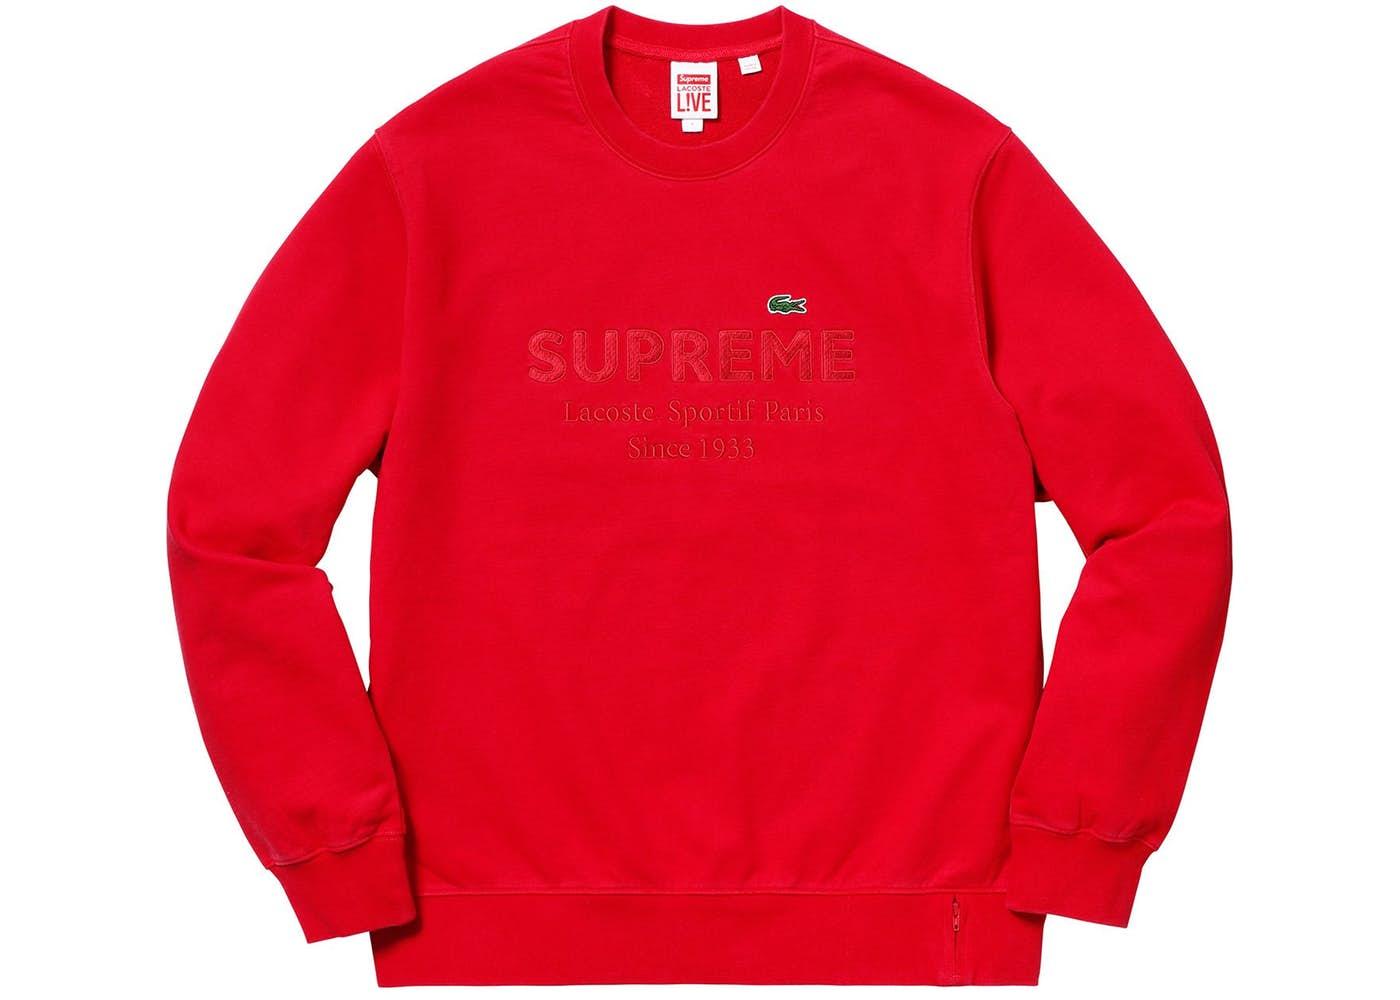 crew sweat Lacoste Logo Sweatshirt in Red jumper